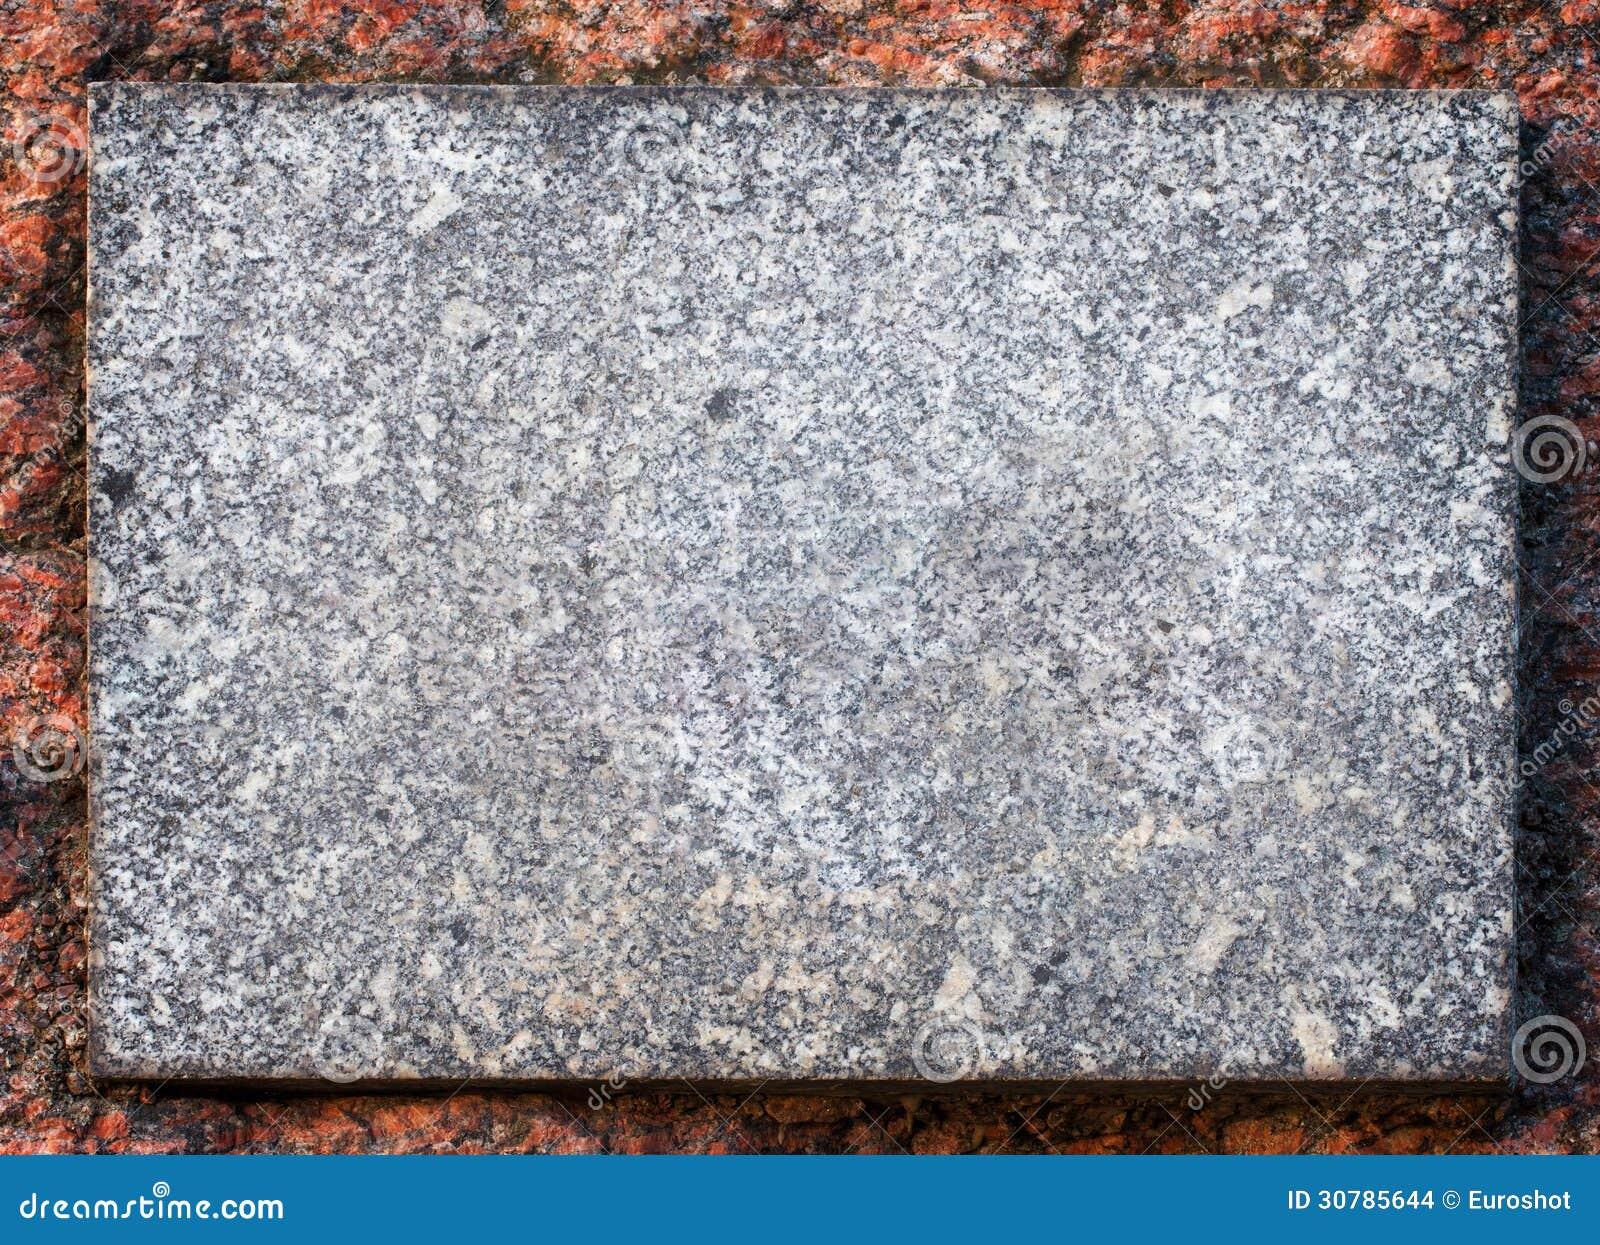 Fondo de piedra de la placa del granito foto de archivo for Piedra para granito